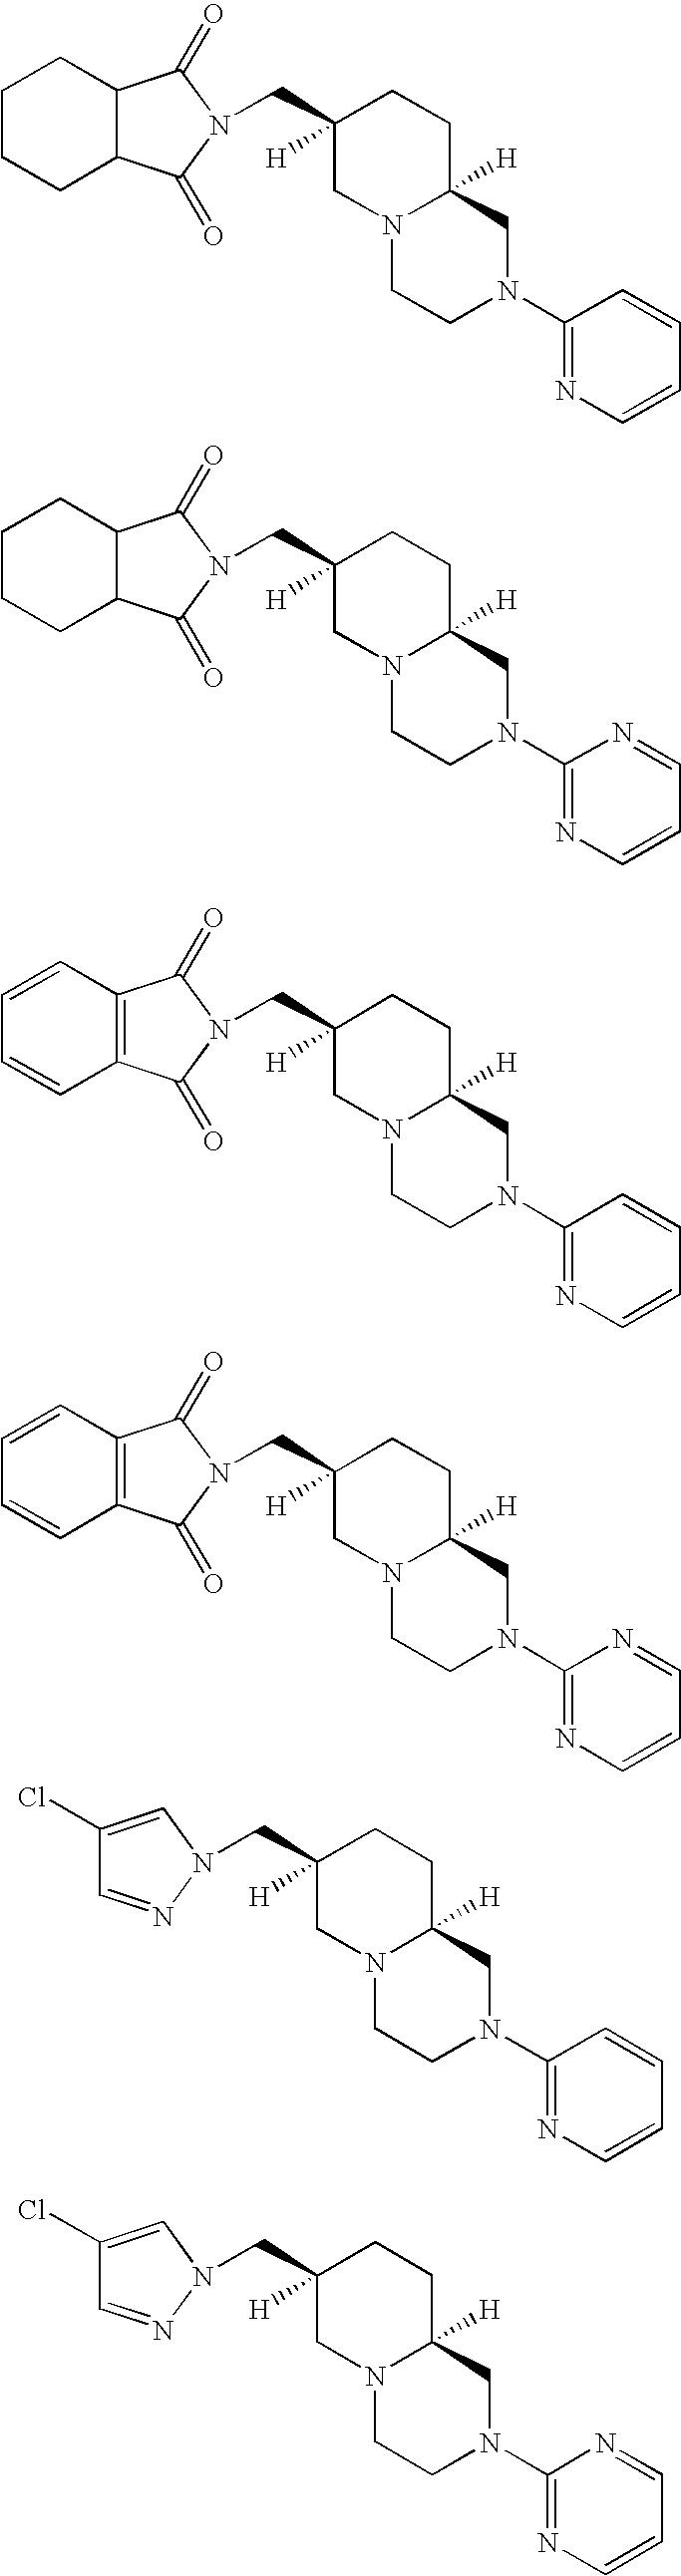 Figure US20100009983A1-20100114-C00155